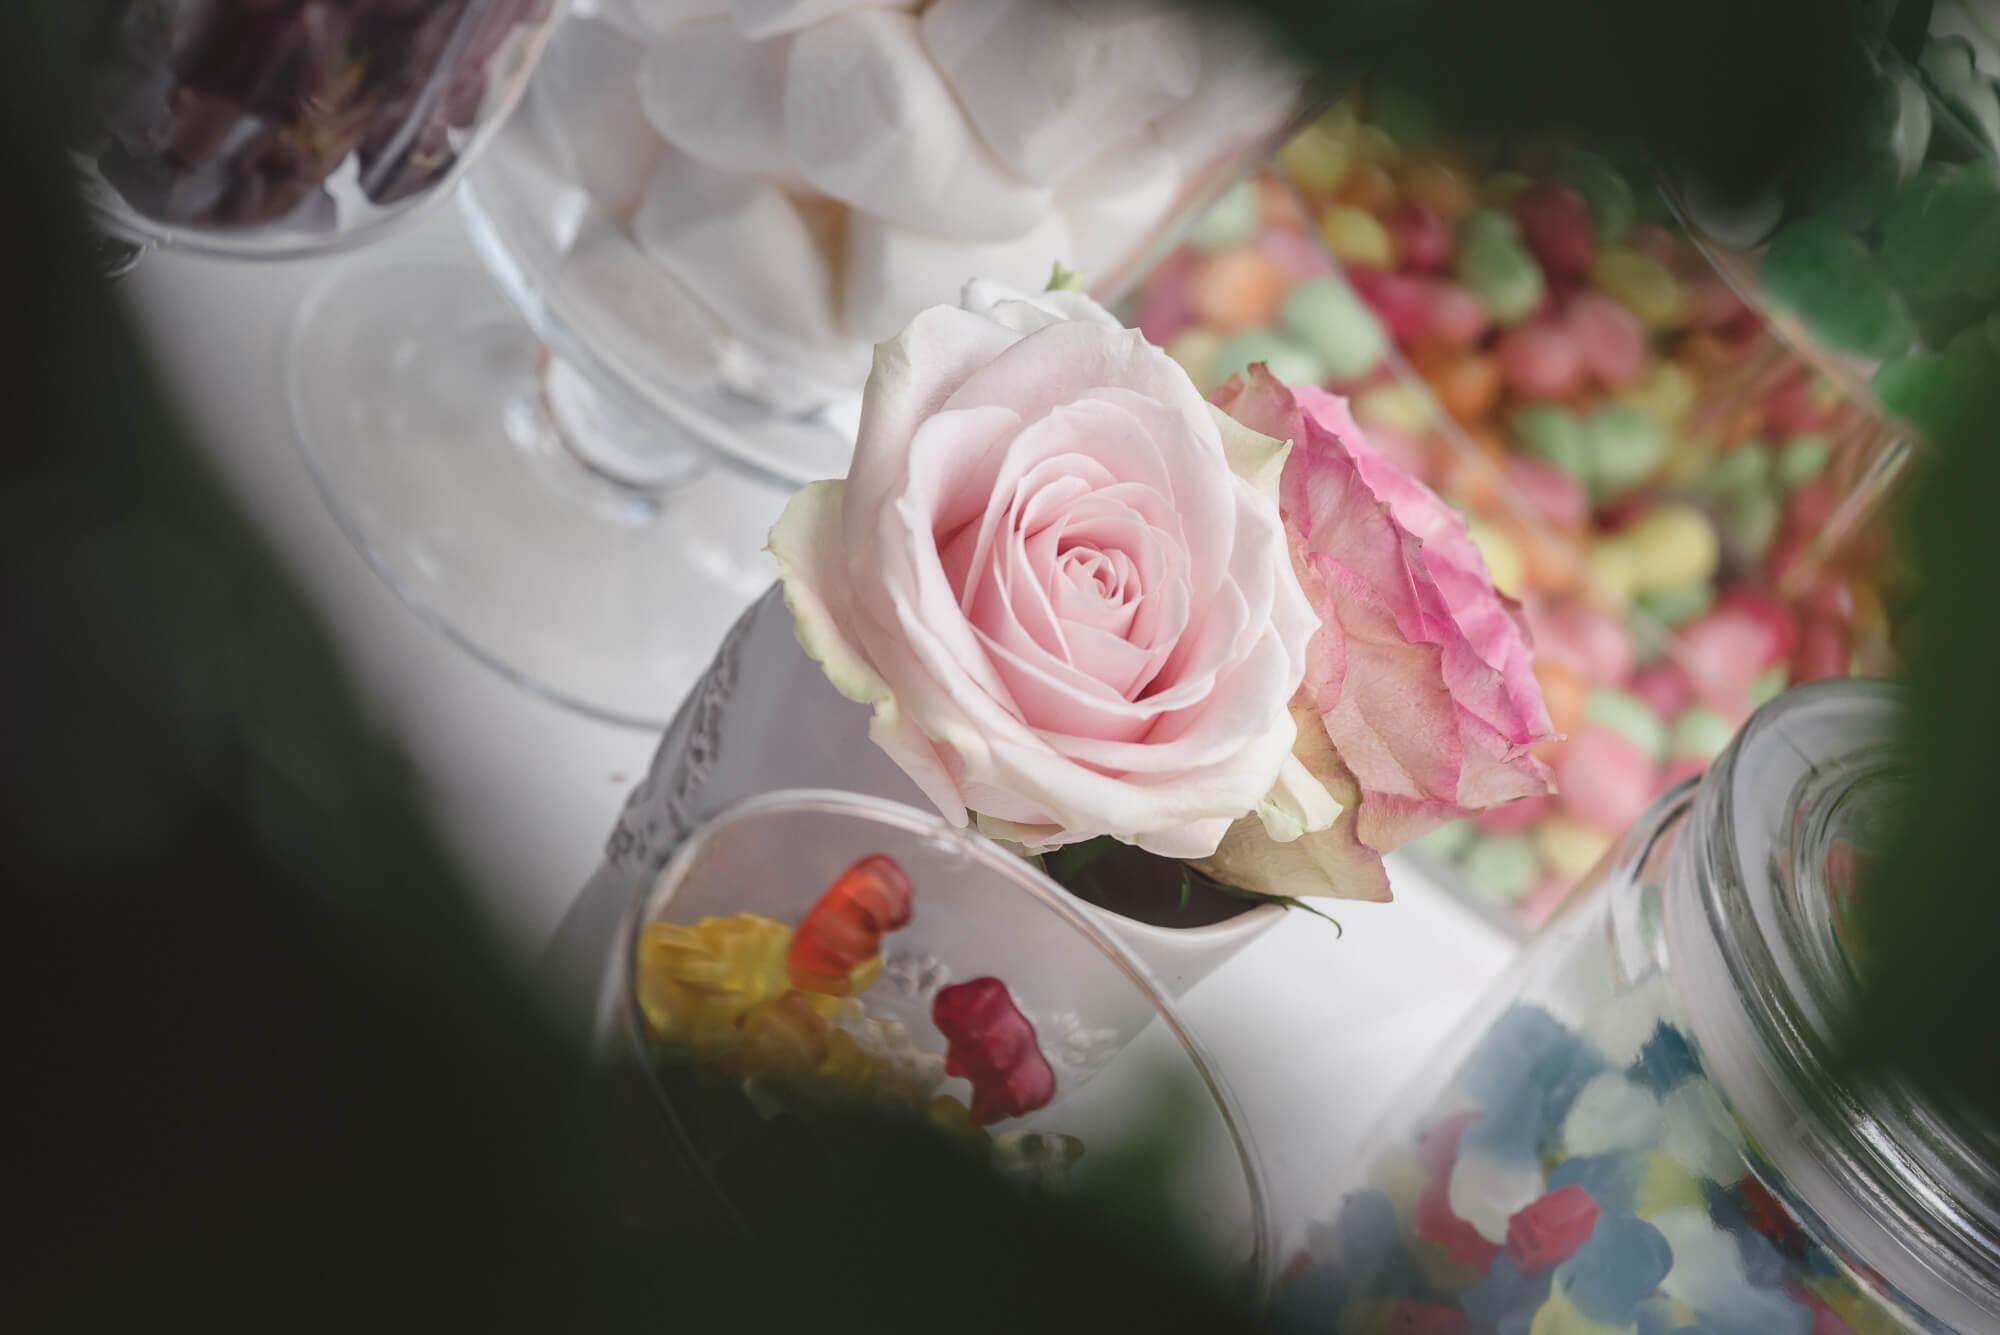 Manes Munich wedding photographer